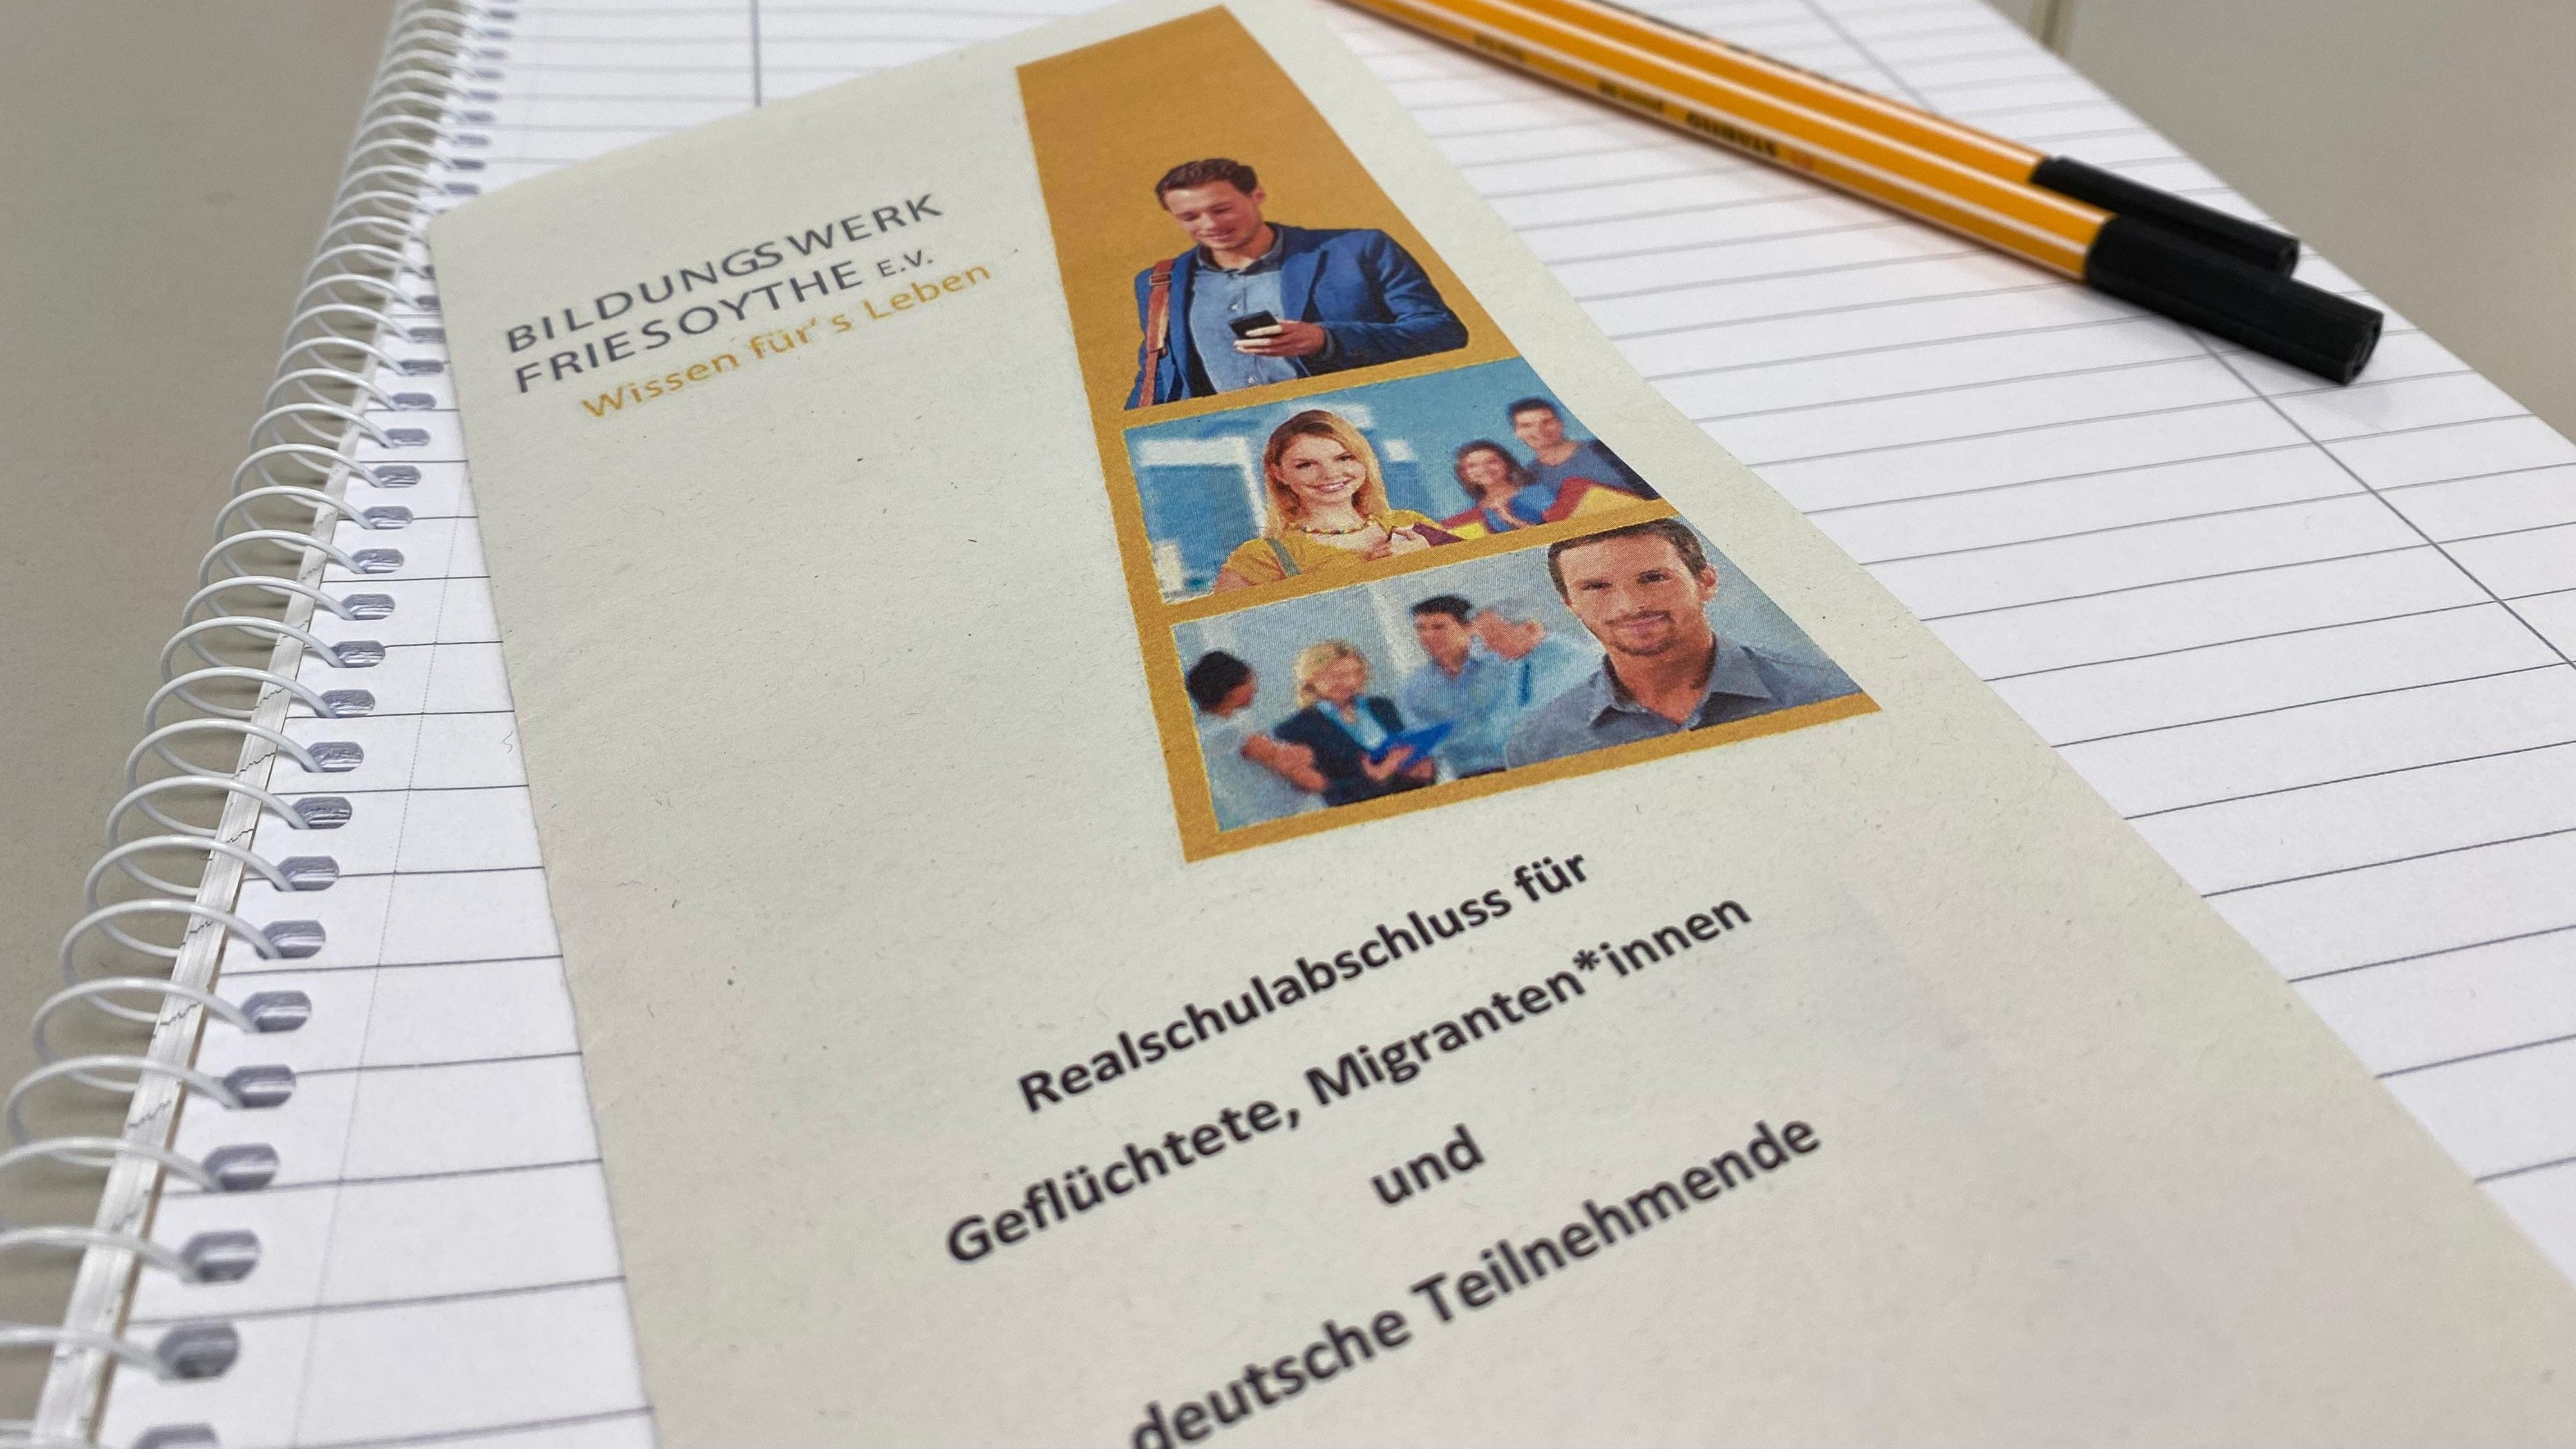 Erstmals im Angebot: Der Realschulabschluss ist ab jetzt beim Bildungswerk möglich. Foto: Claudia Wimberg